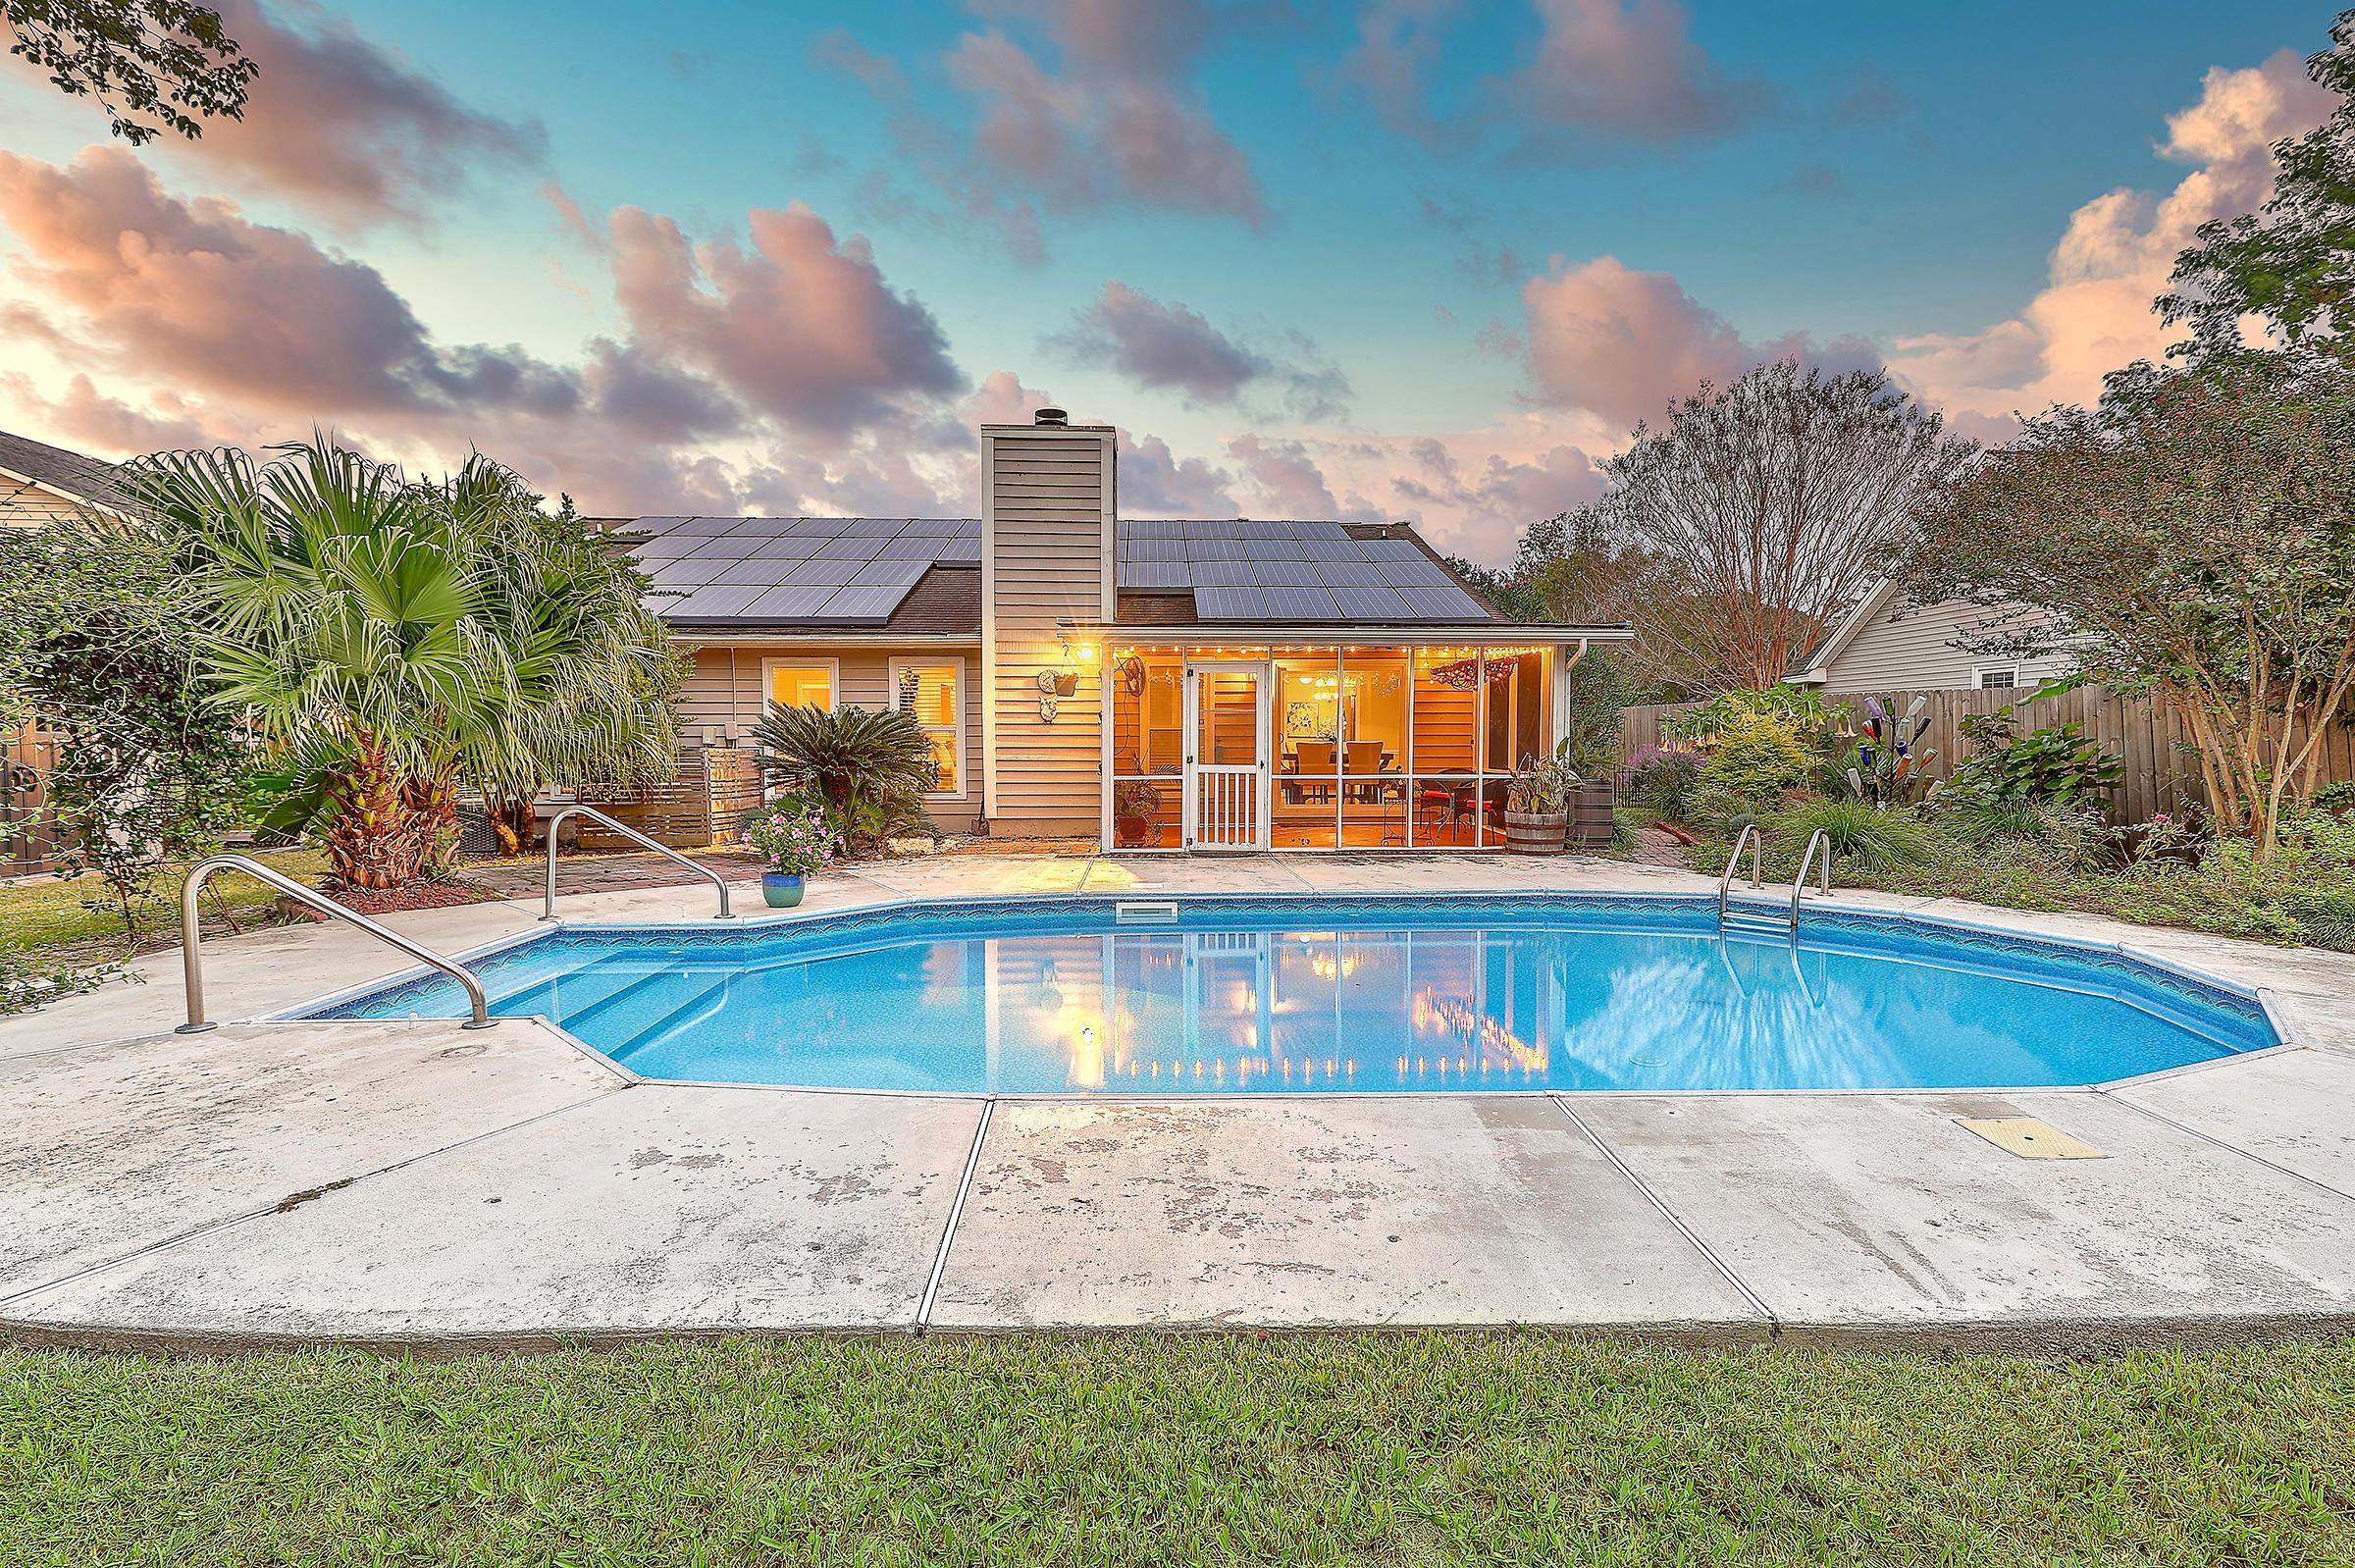 Coopers Landing Homes For Sale - 1474 Hidden Bridge, Mount Pleasant, SC - 15